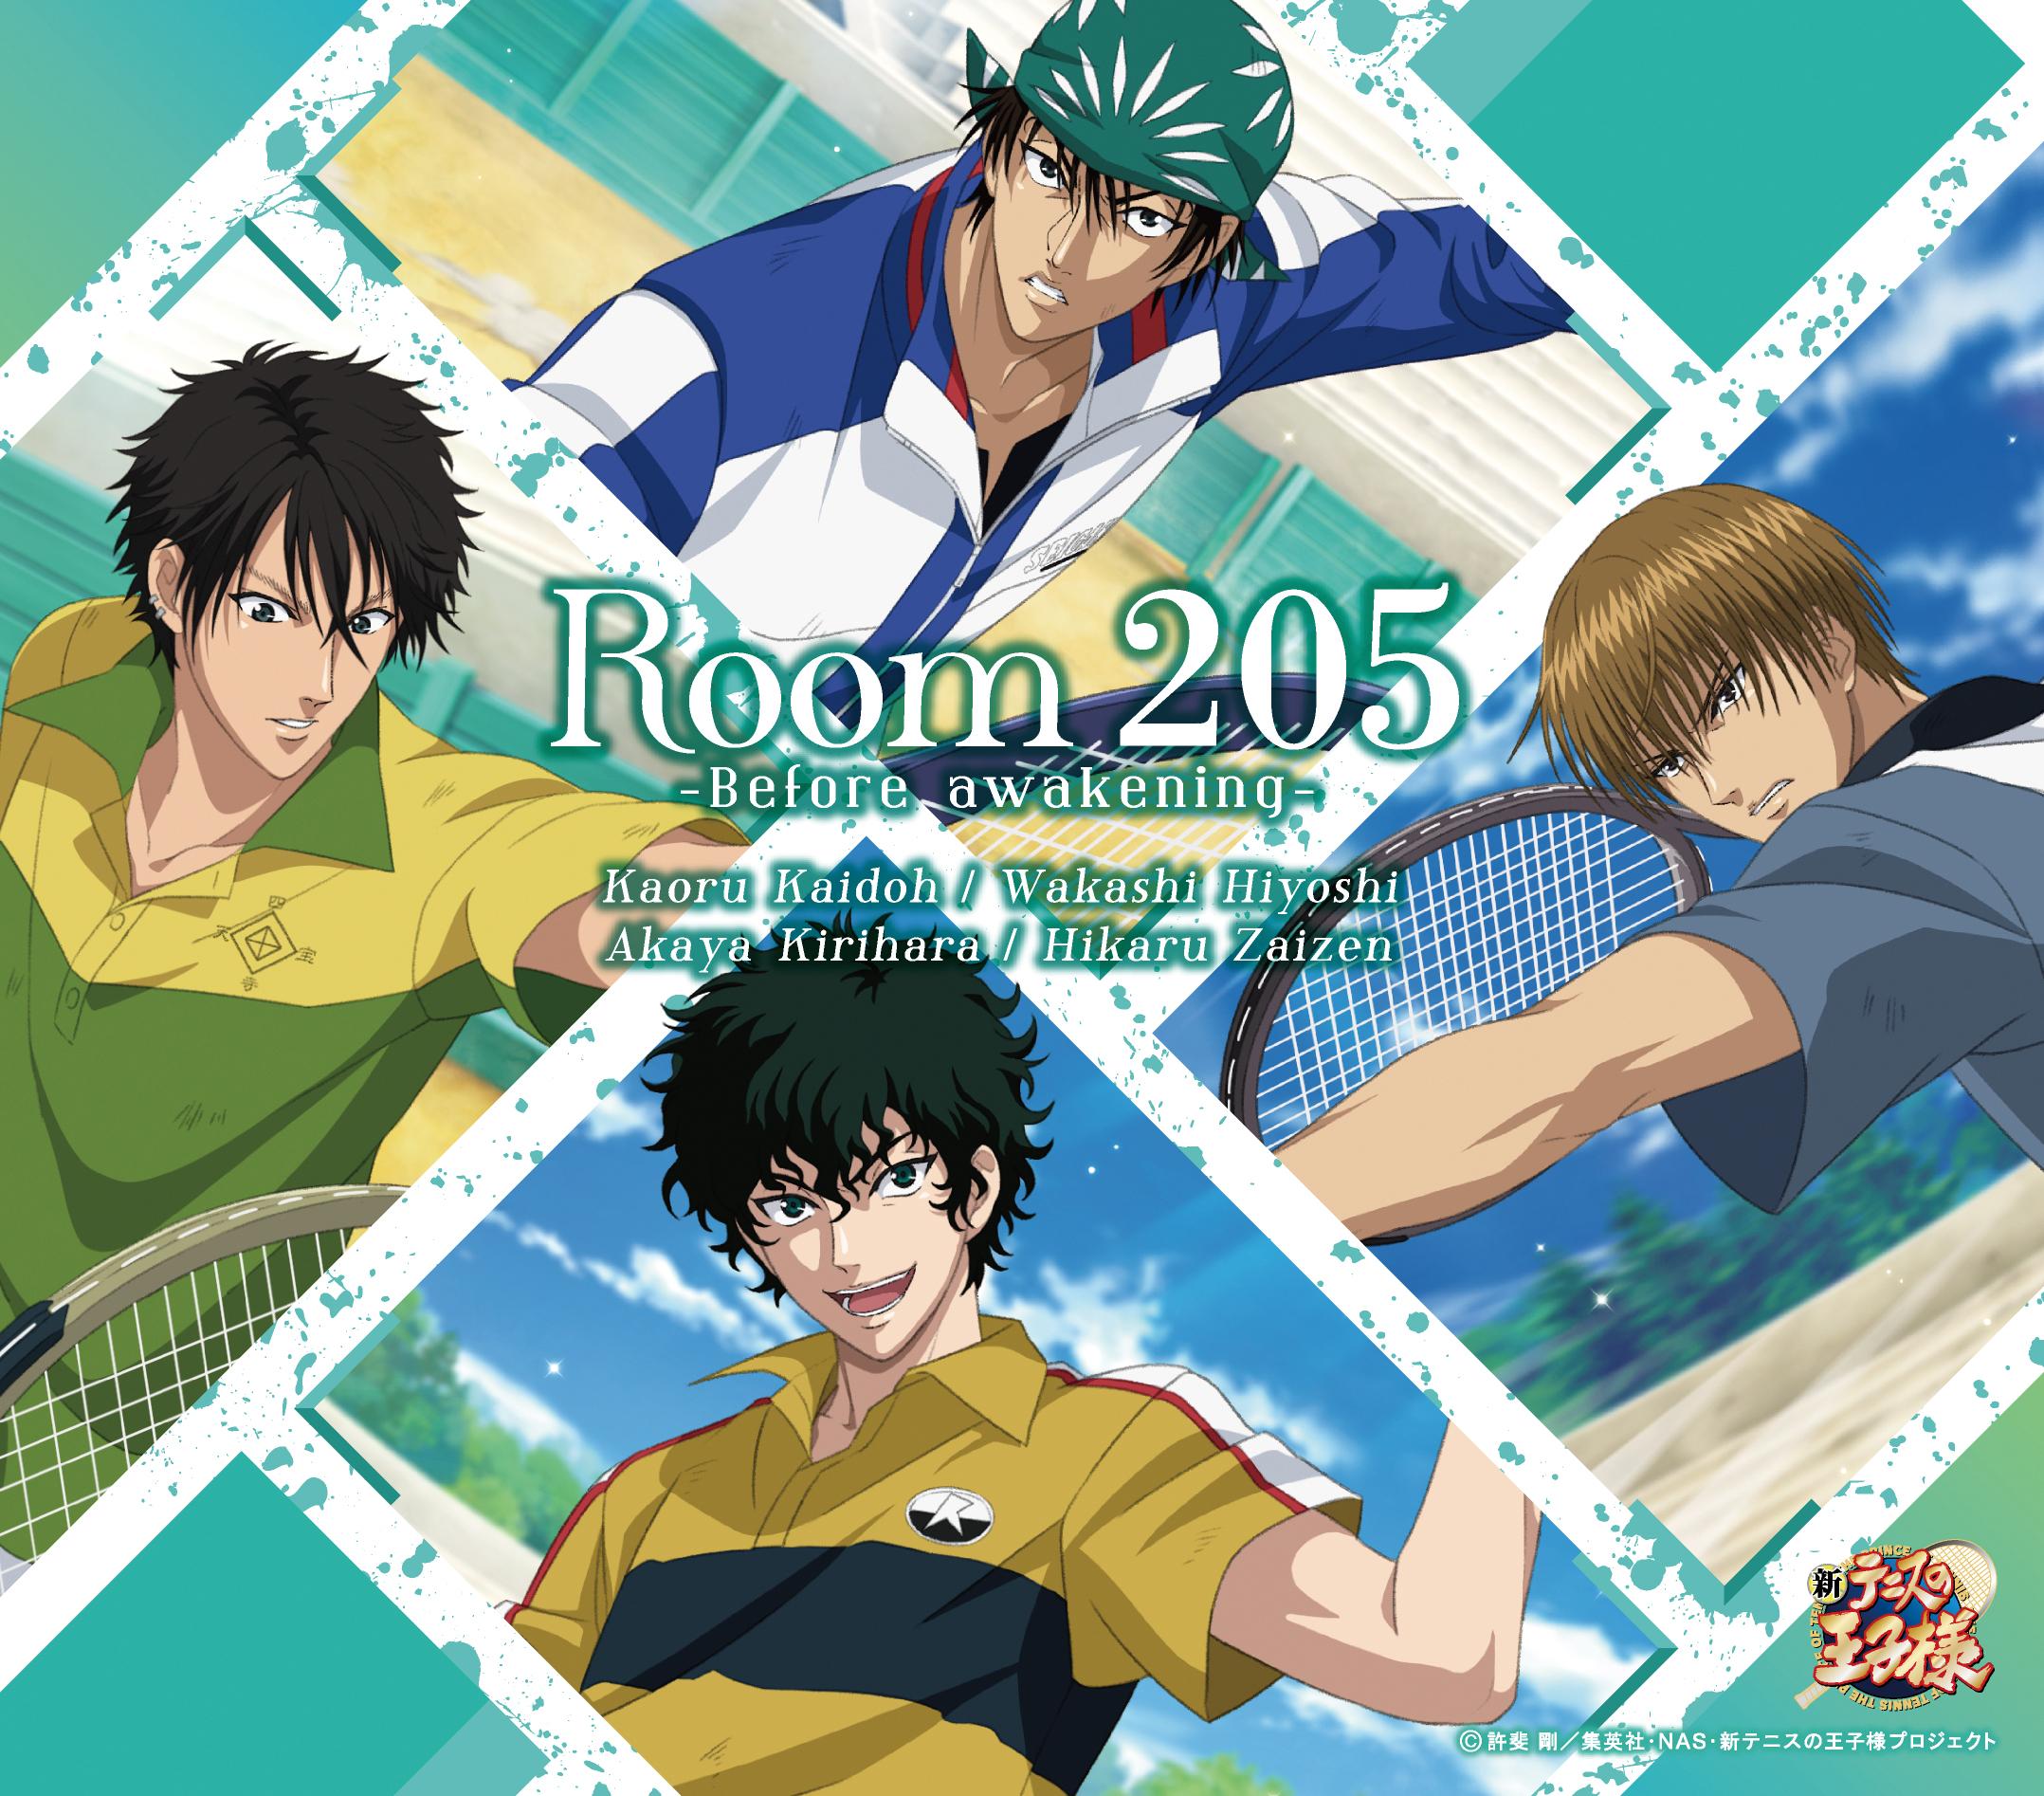 Room 205 -Before awakening-のページ紹介